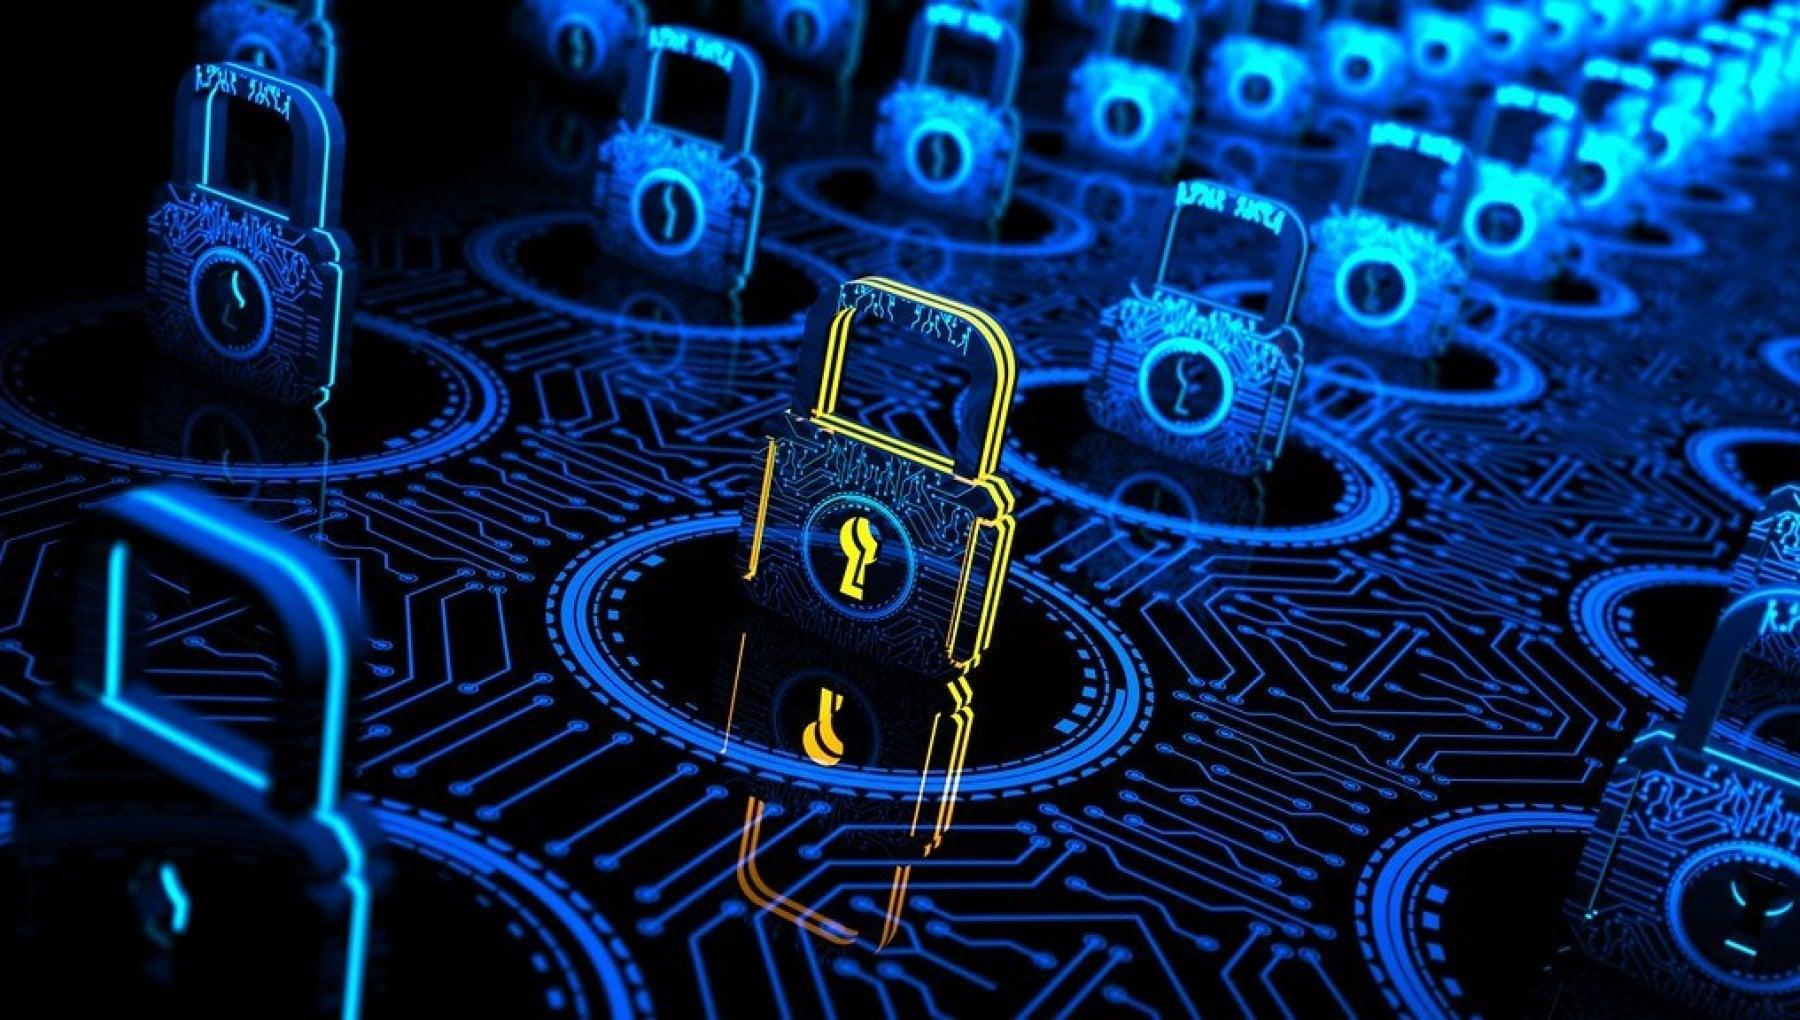 """""""Rischiamo di esser schiacciati"""". Così l'Italia e l'Europa intendono alzare le difese della cybersicurezza"""